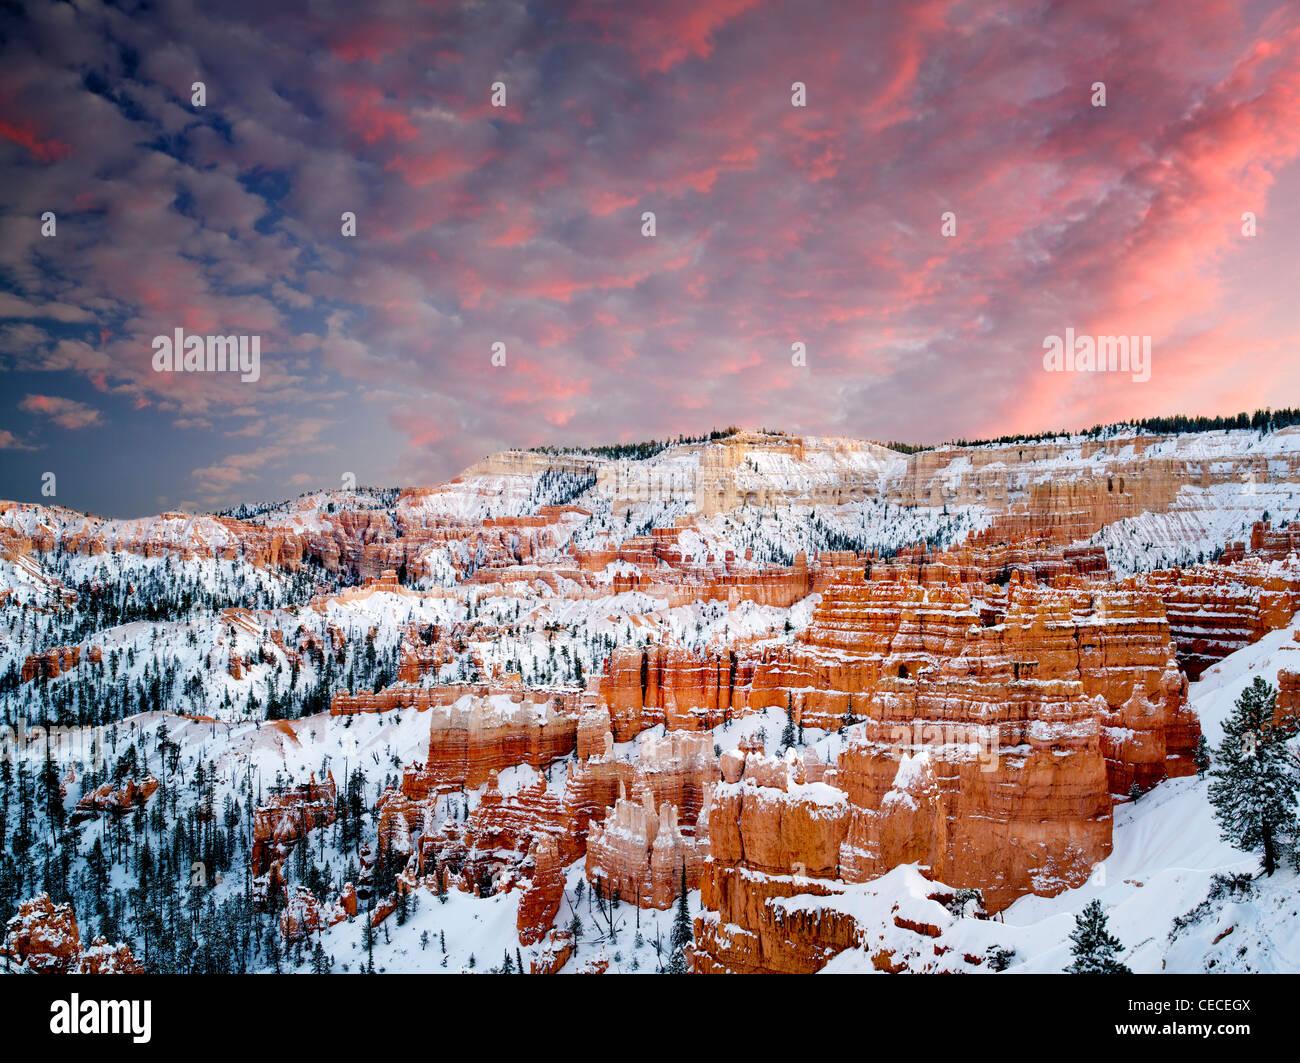 La nieve y el atardecer en el Parque Nacional de Bryce Canyon, Utah Foto de stock